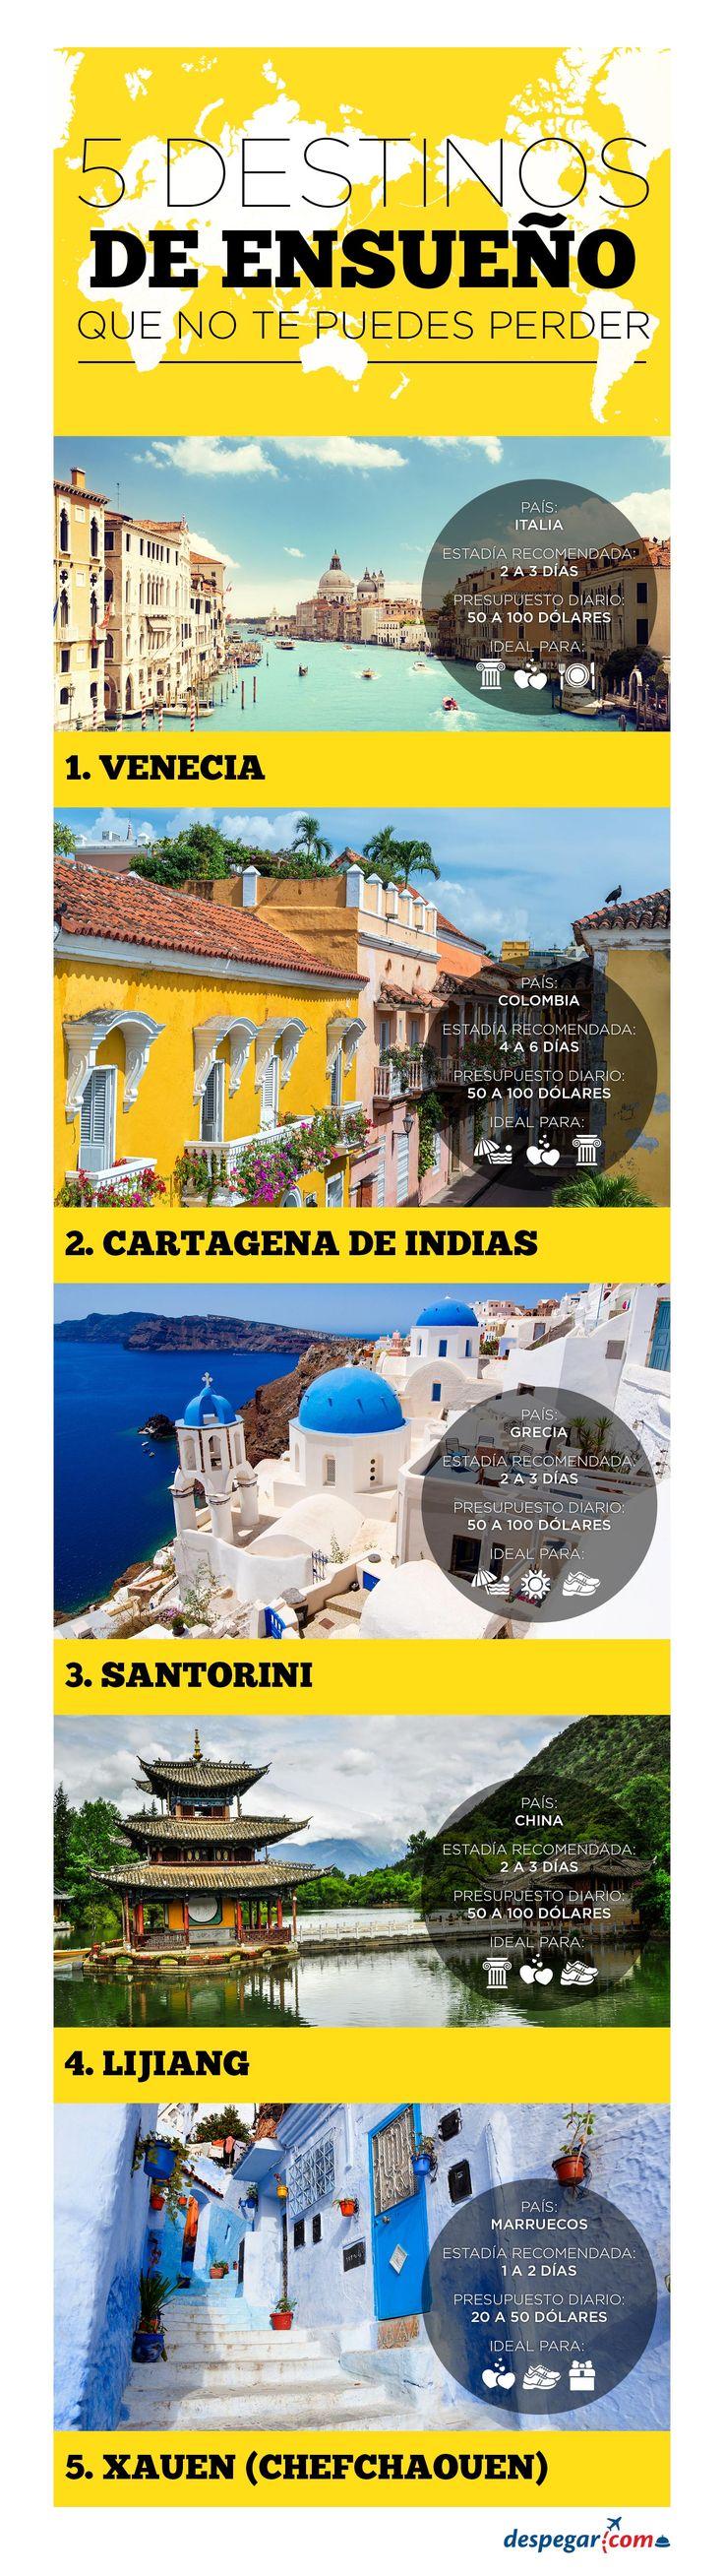 #Viajar > #Infografía 5 destinos de ensueño que no puedes dejar de visitar cuando #viajes con #Despegar #trip #tipdeviaje #tour #travel #viajero #Infographic